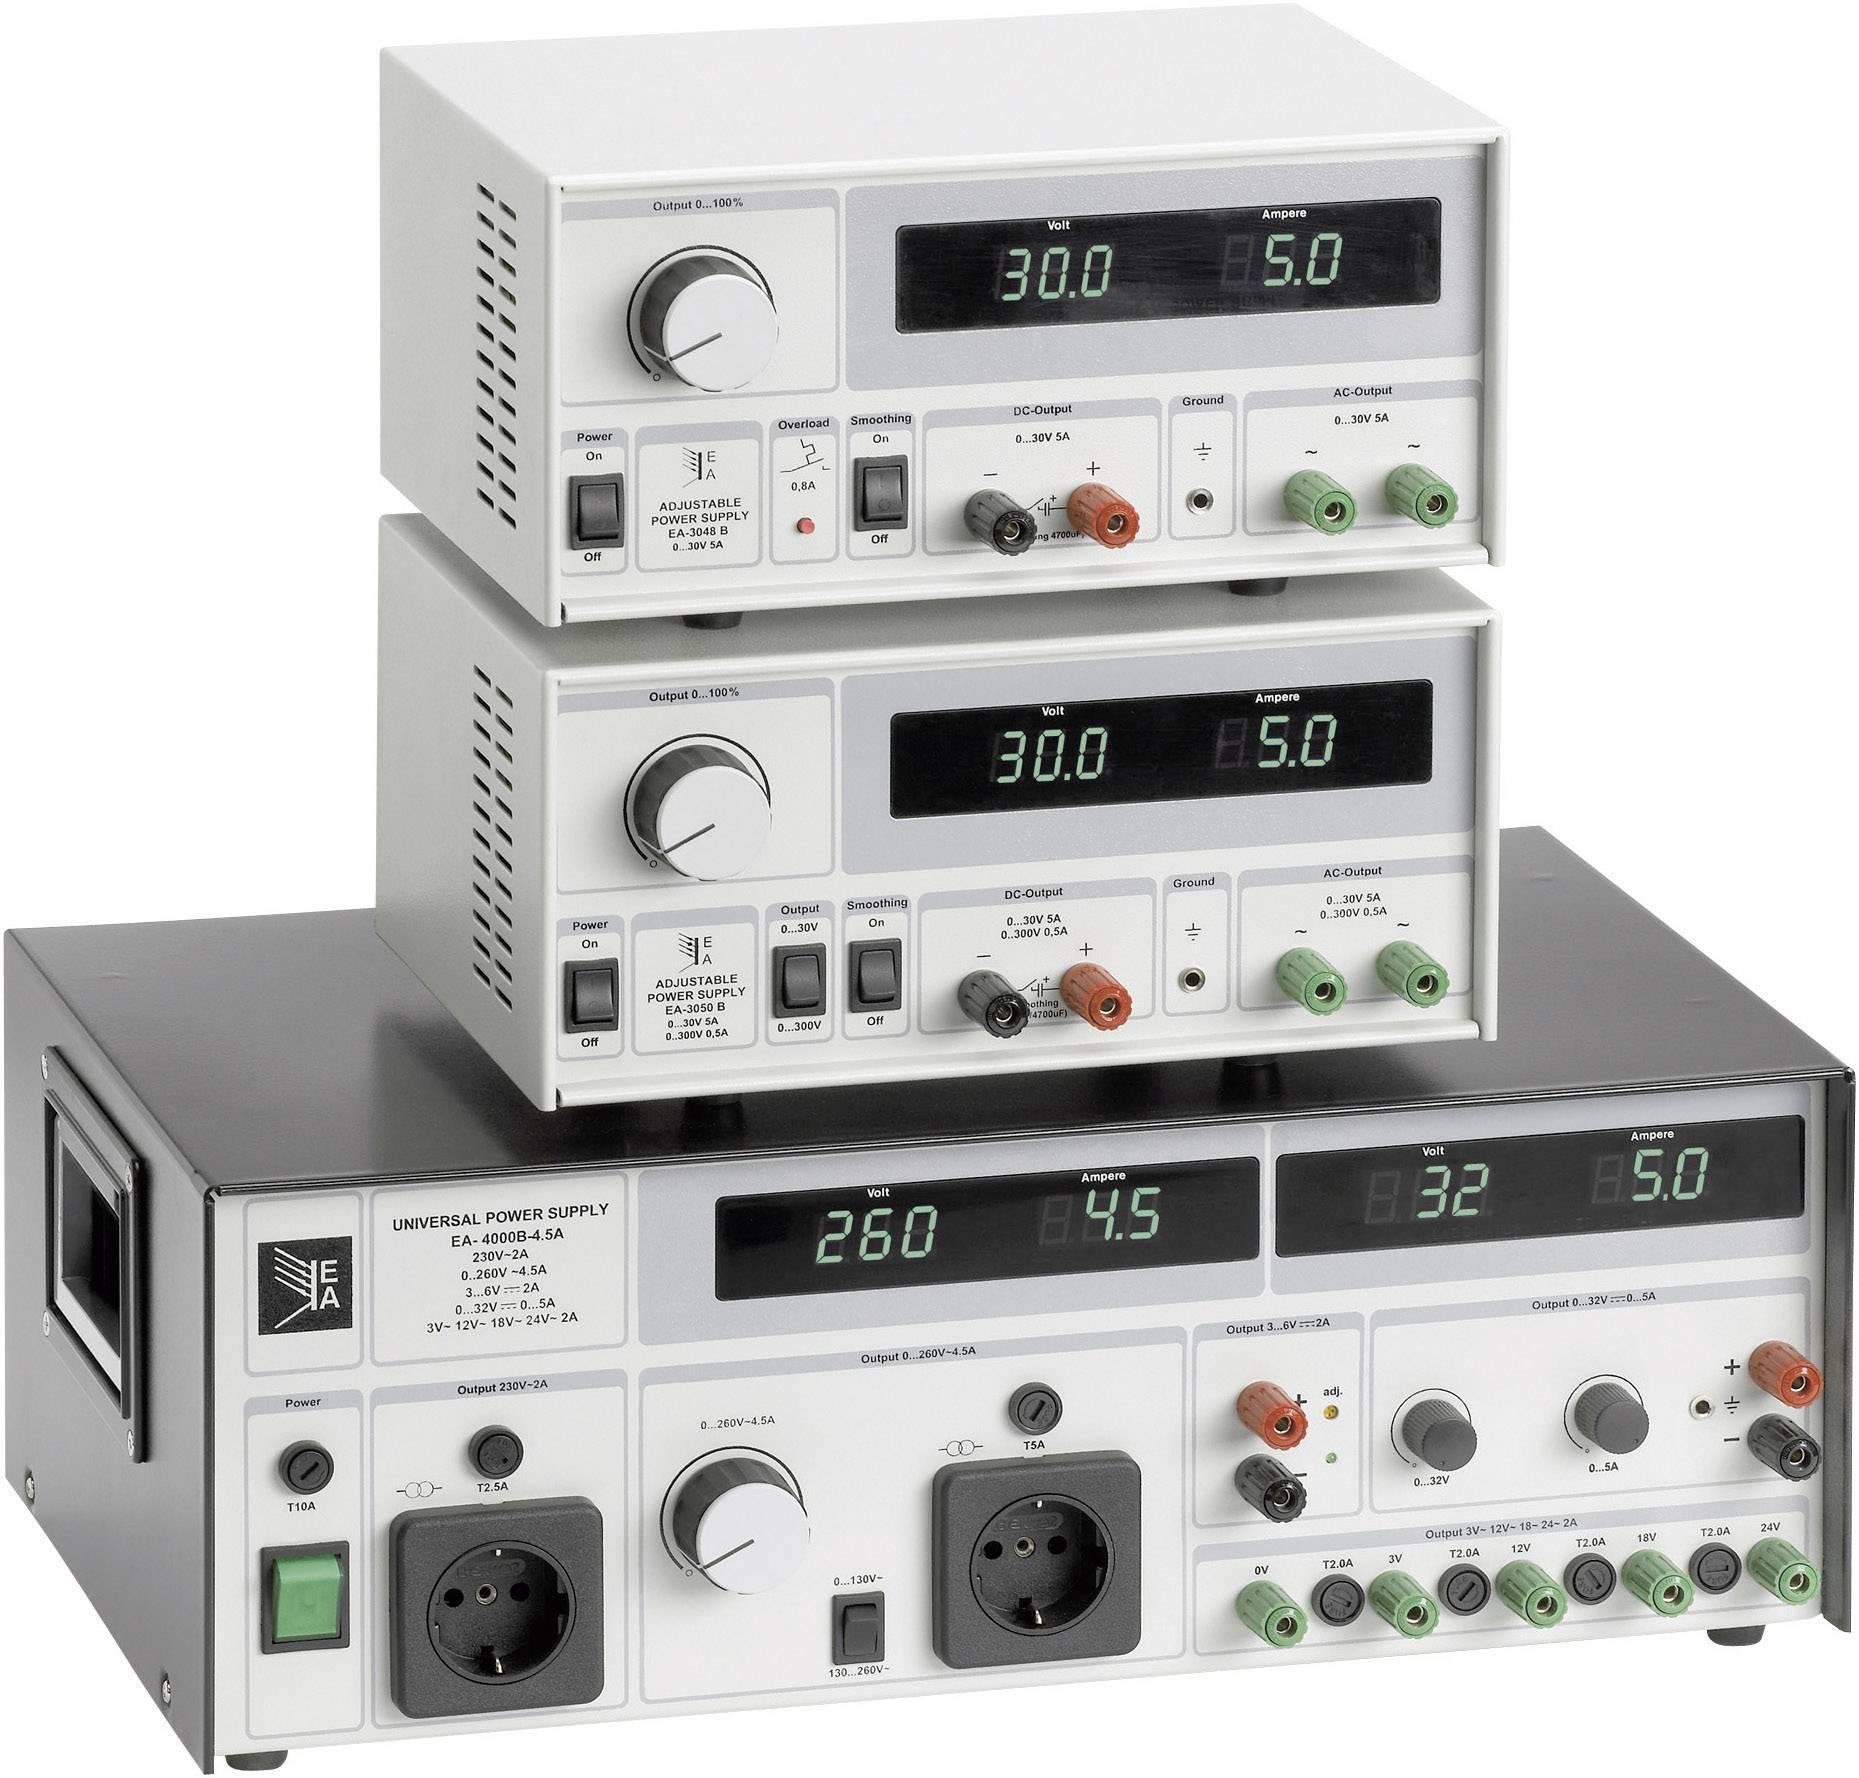 Univerzálny sieťový zdroj EA-3048B, 0 - 30 V, 5 A